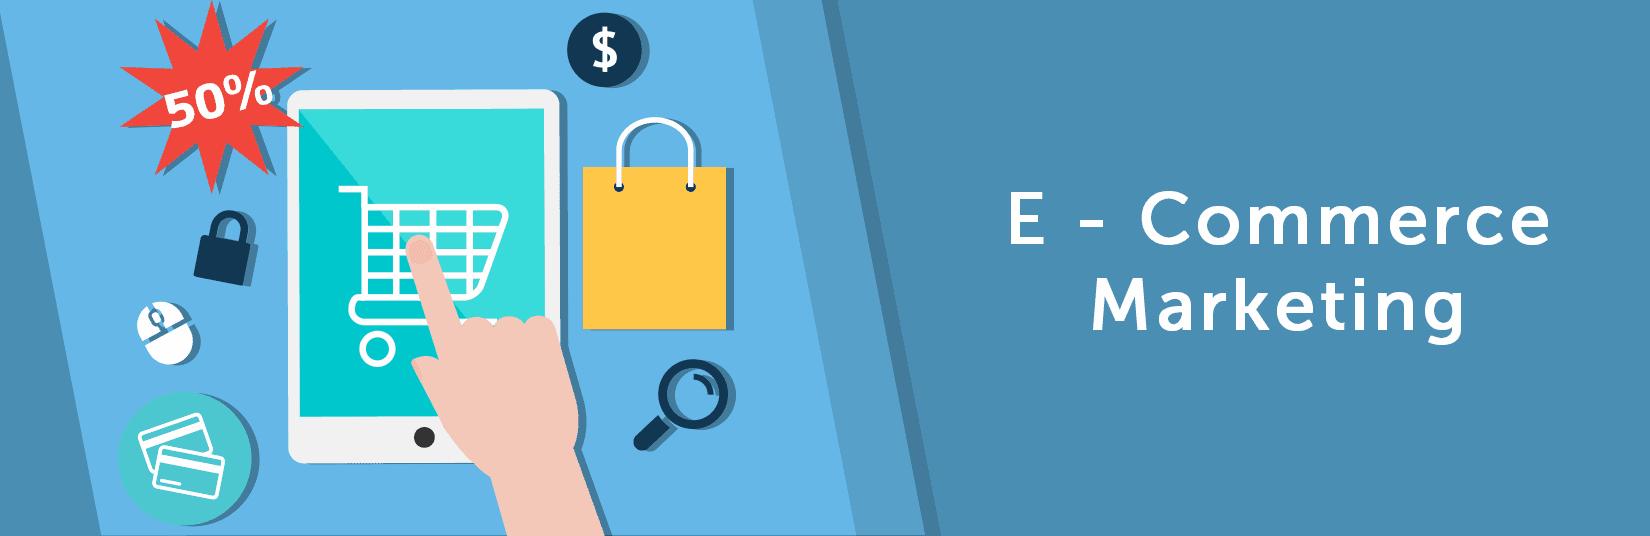 eCommerce marketing service